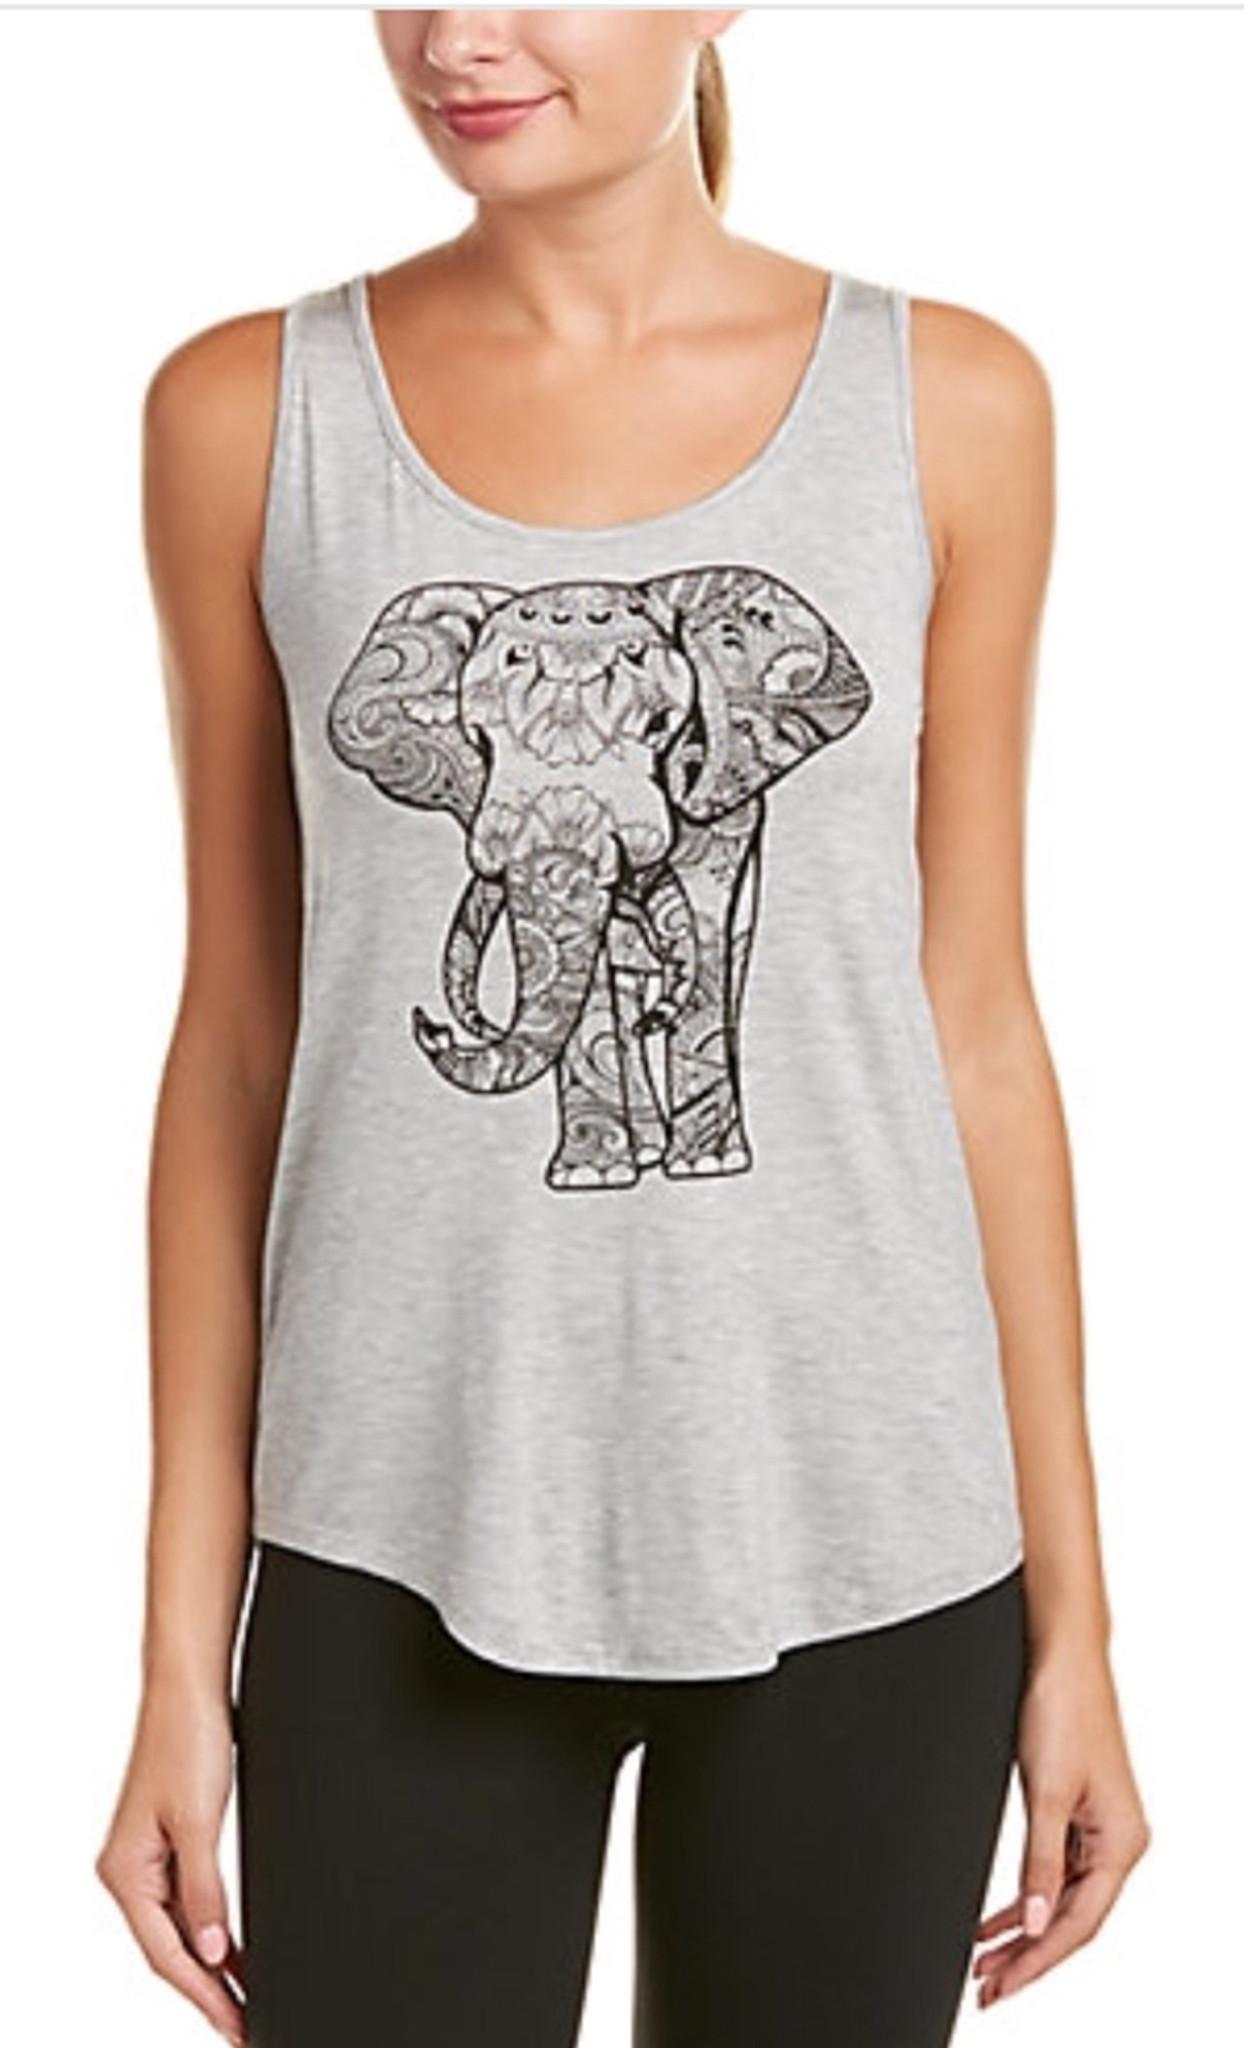 ELEPHANT TANK